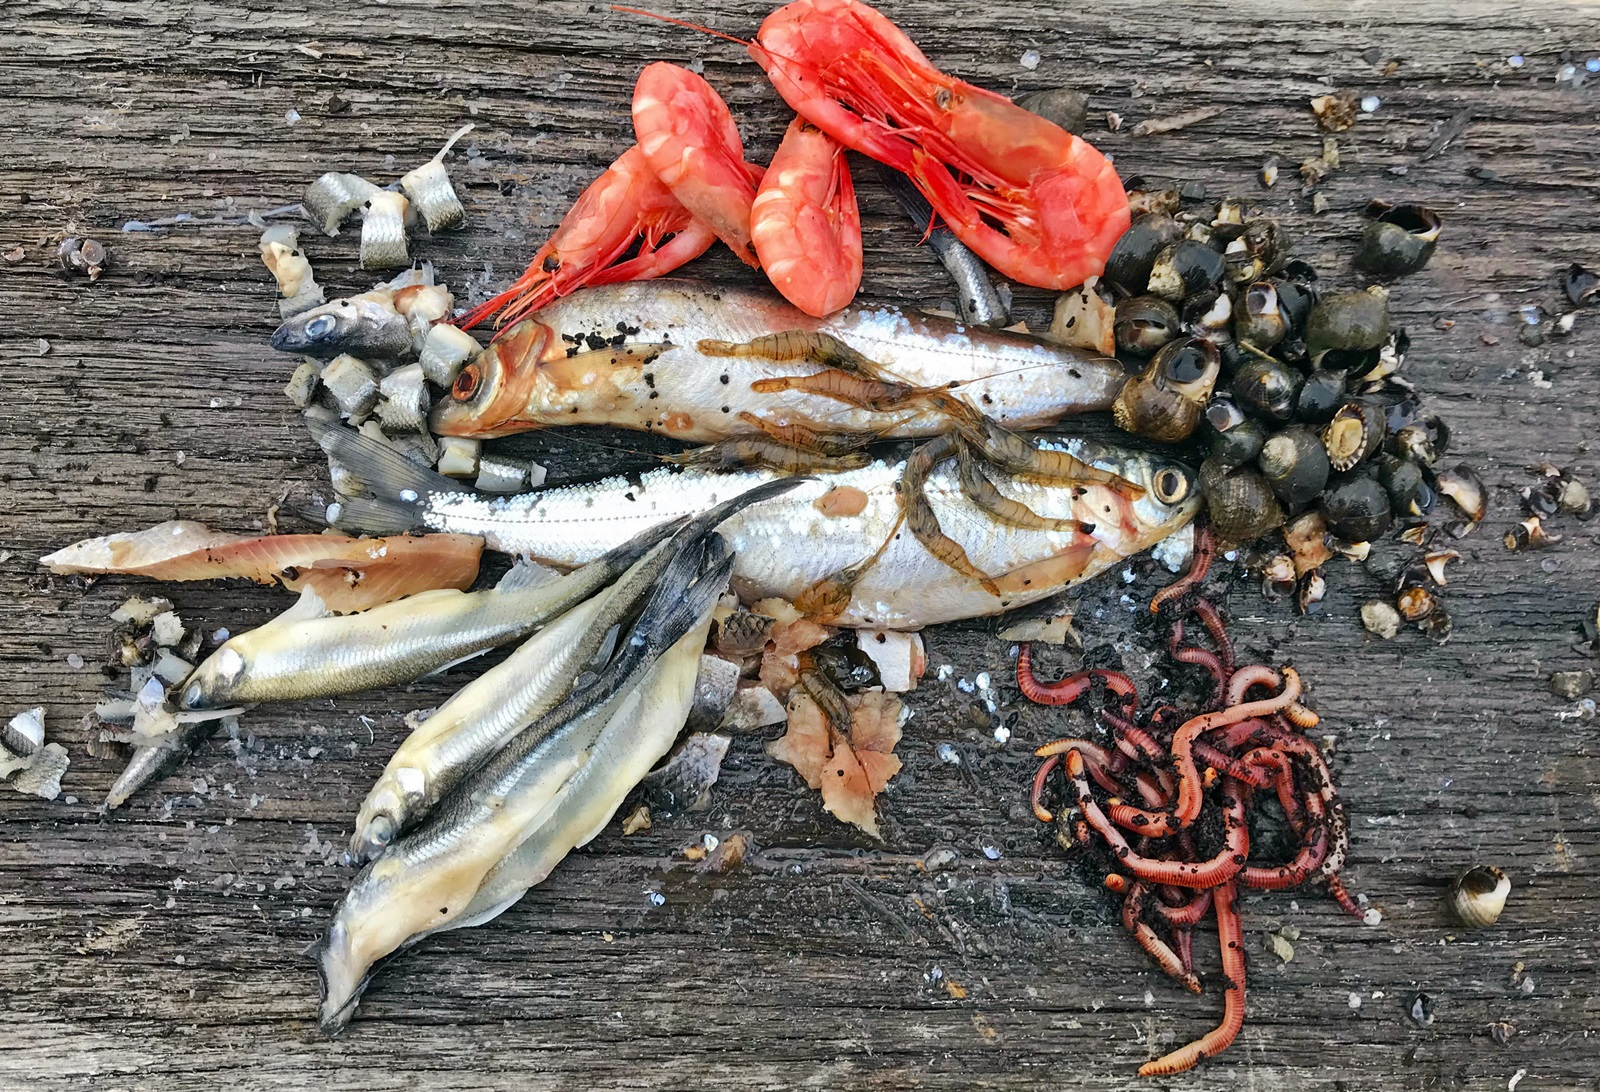 et knippe med agn som ble testet denne helgen. Lagesild, krøkle, strandsnegl, reke kokt, strandreke og meitemark